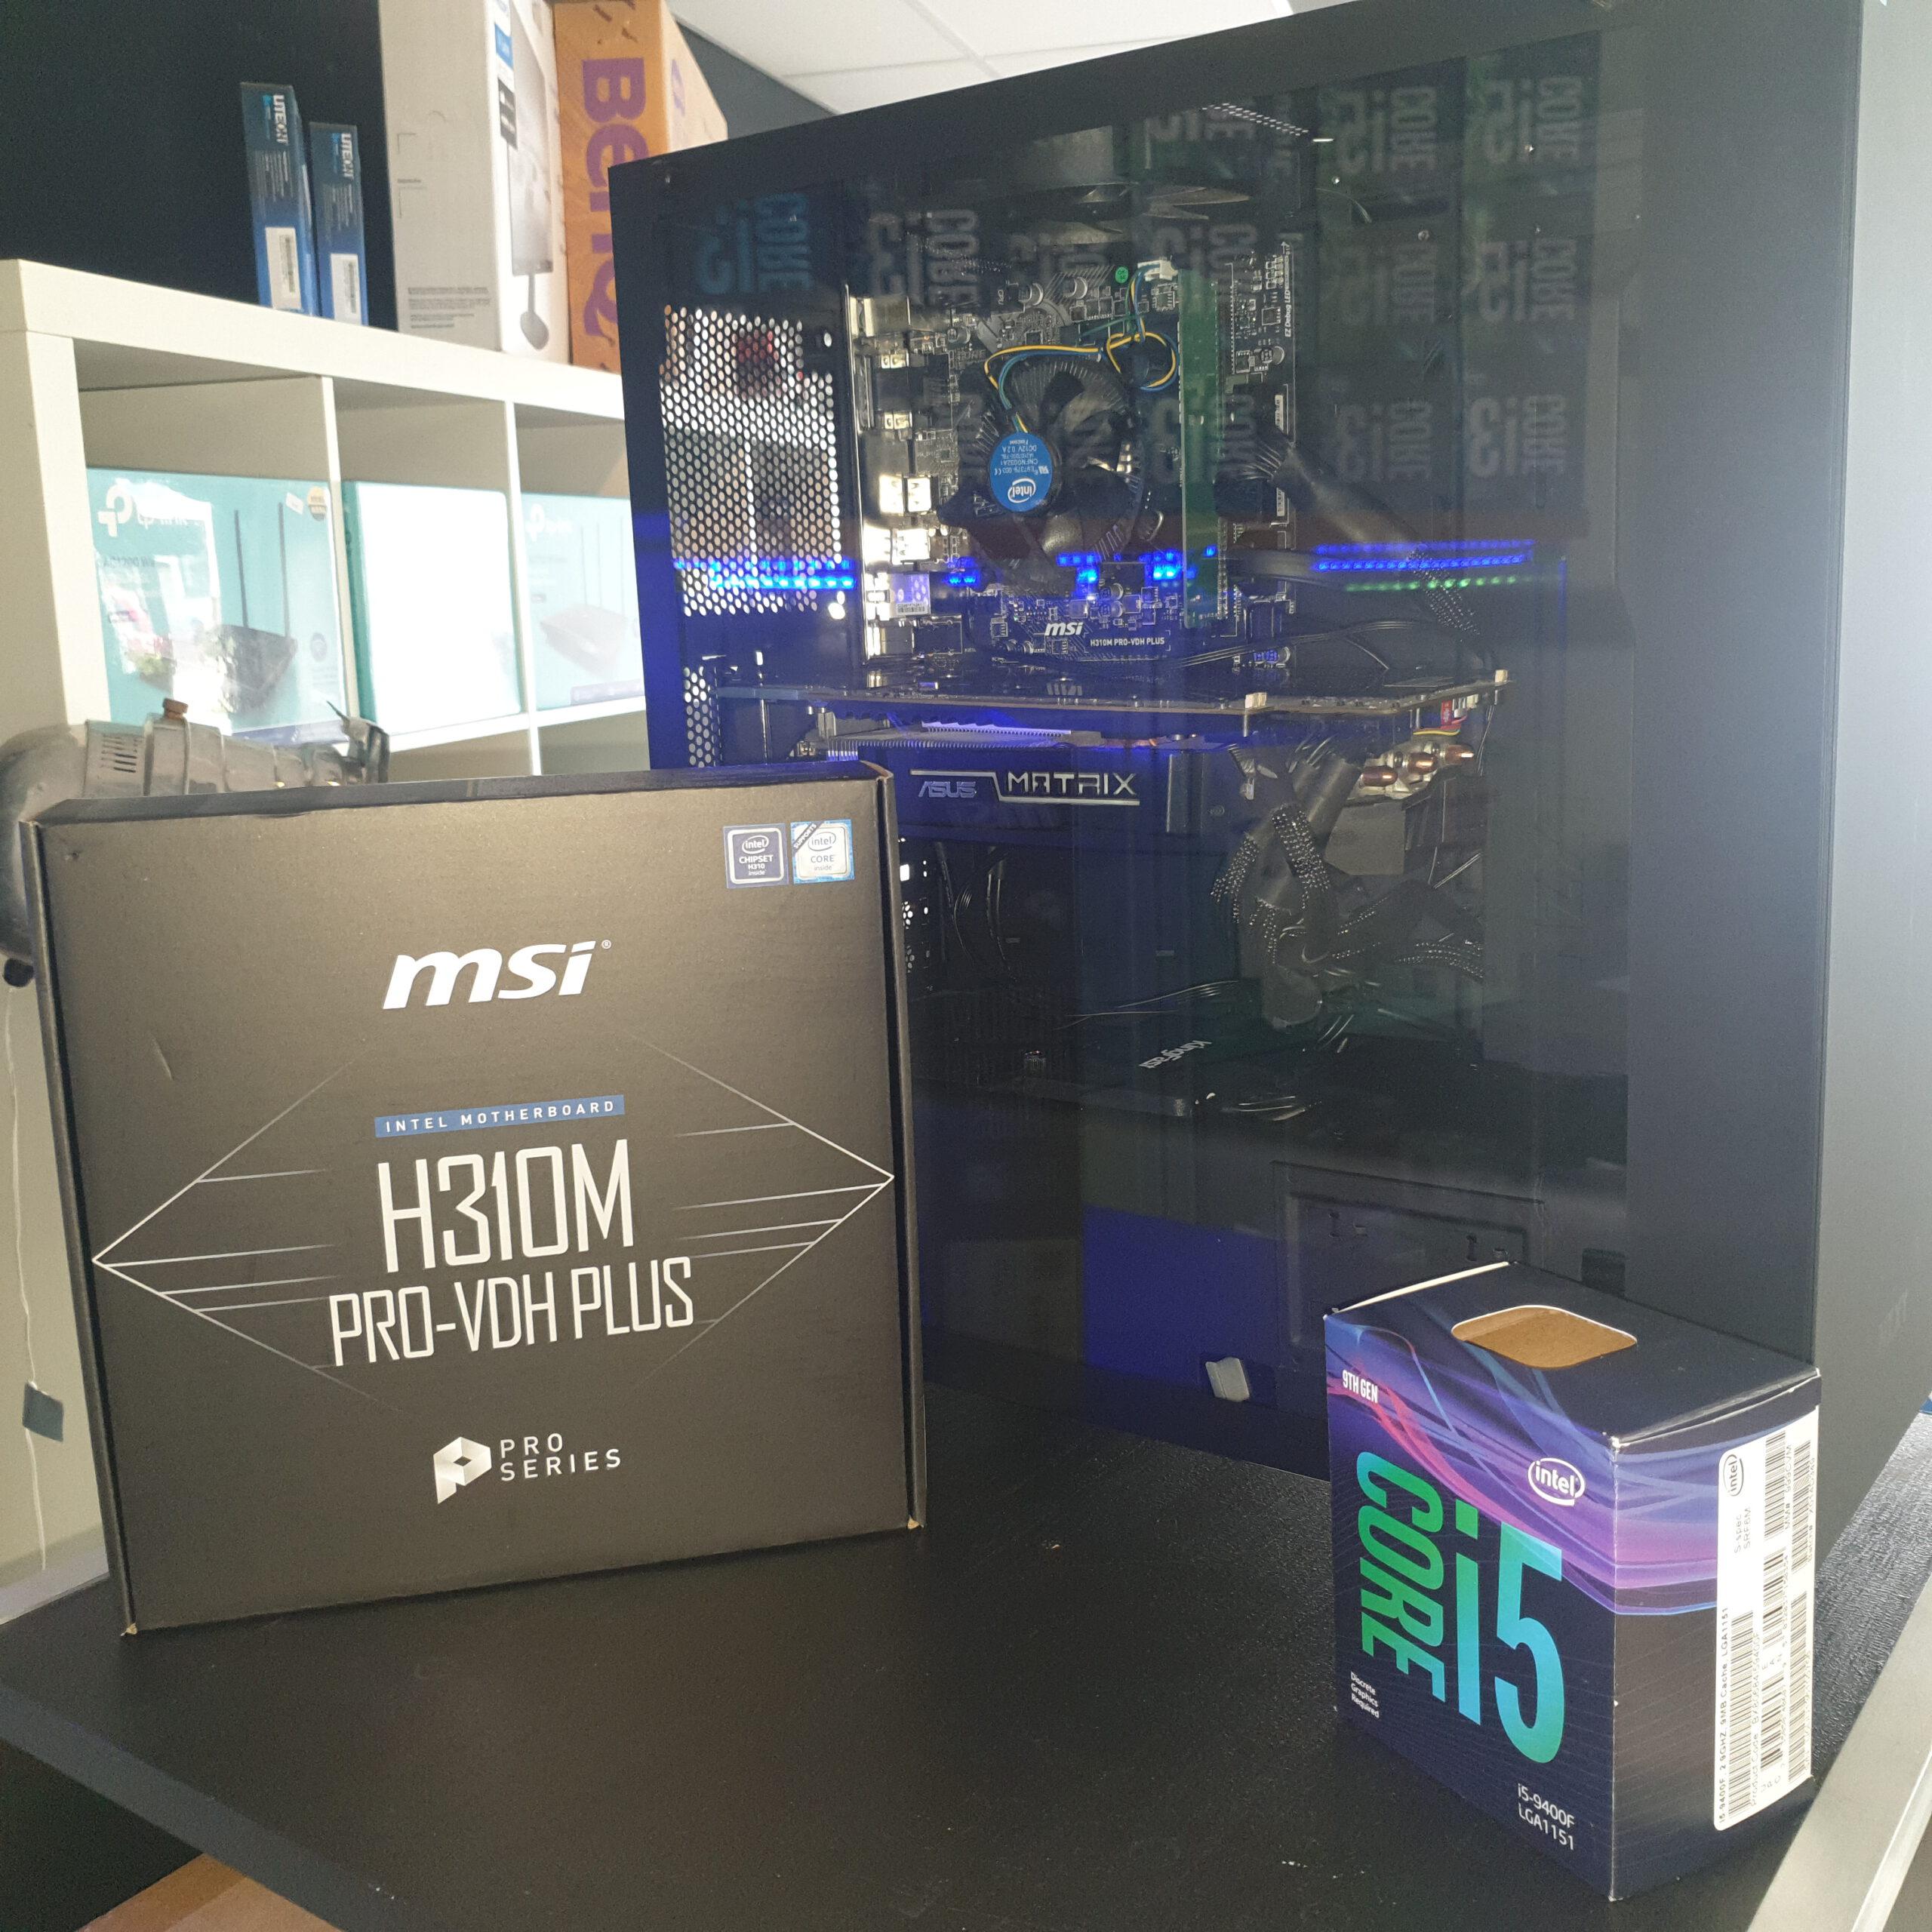 Verkoop van nieuwe & gebruikte Desktops en Laptops